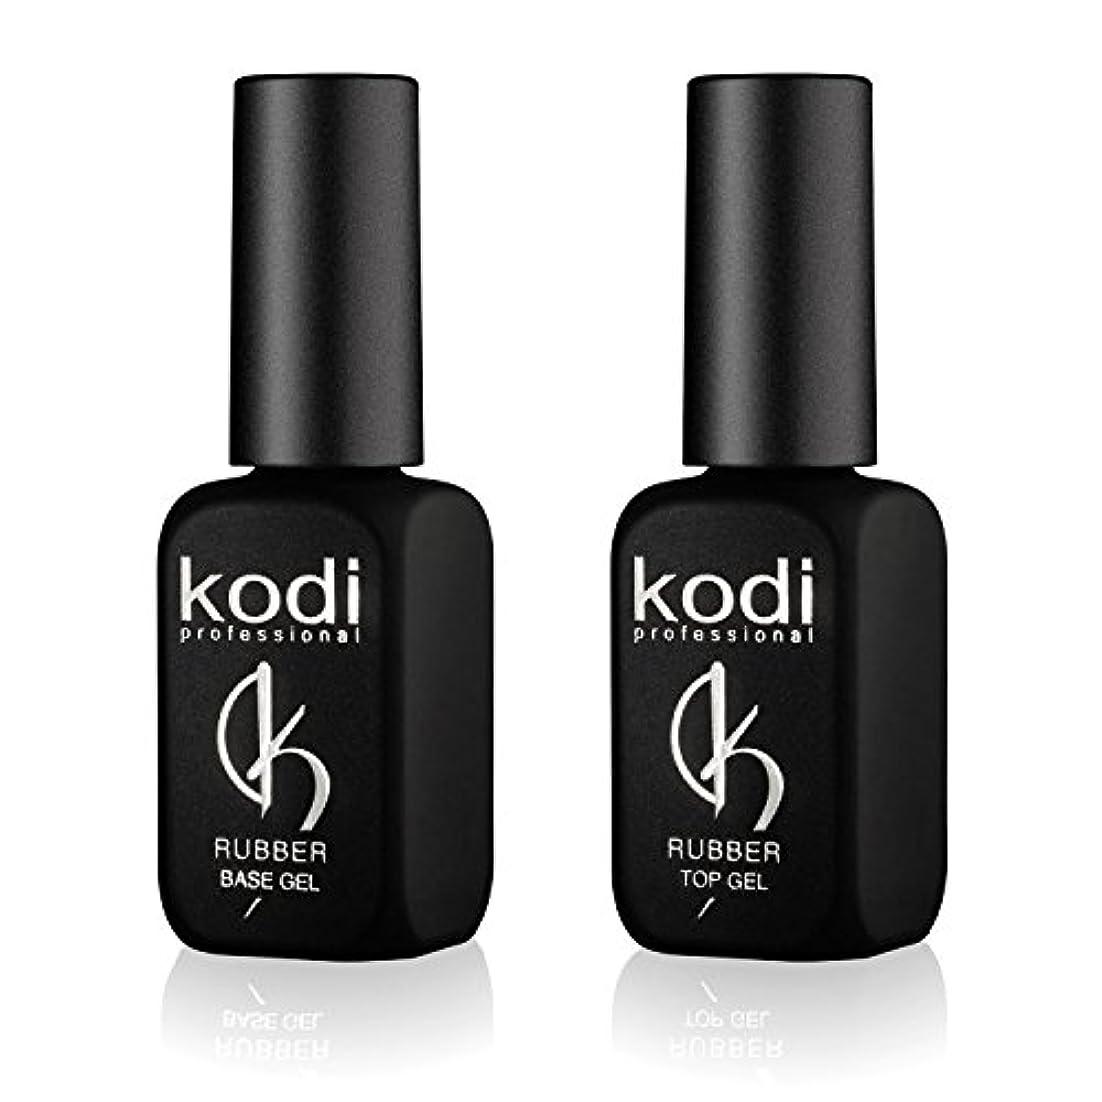 金属スカリー国歌Kodi プロフェッショナルラバートップ&ベースジェルセット  12ml 0.42オンス 爪のソークオフとポリッシュ コートキット 長持ちするネイルレイヤー 使いやすい、無毒&無香料  LEDまたはUVランプの下で硬化